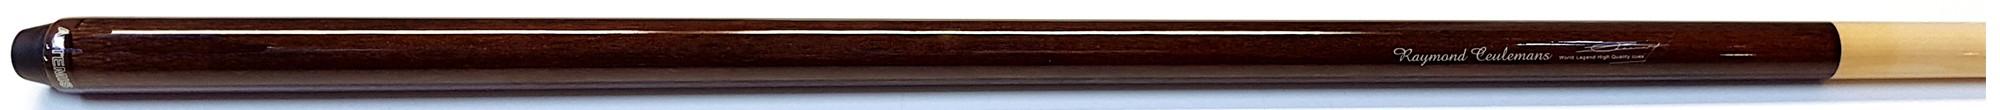 Ceulemans huiskeu 142cm met 12mm tip. Met certificaat.